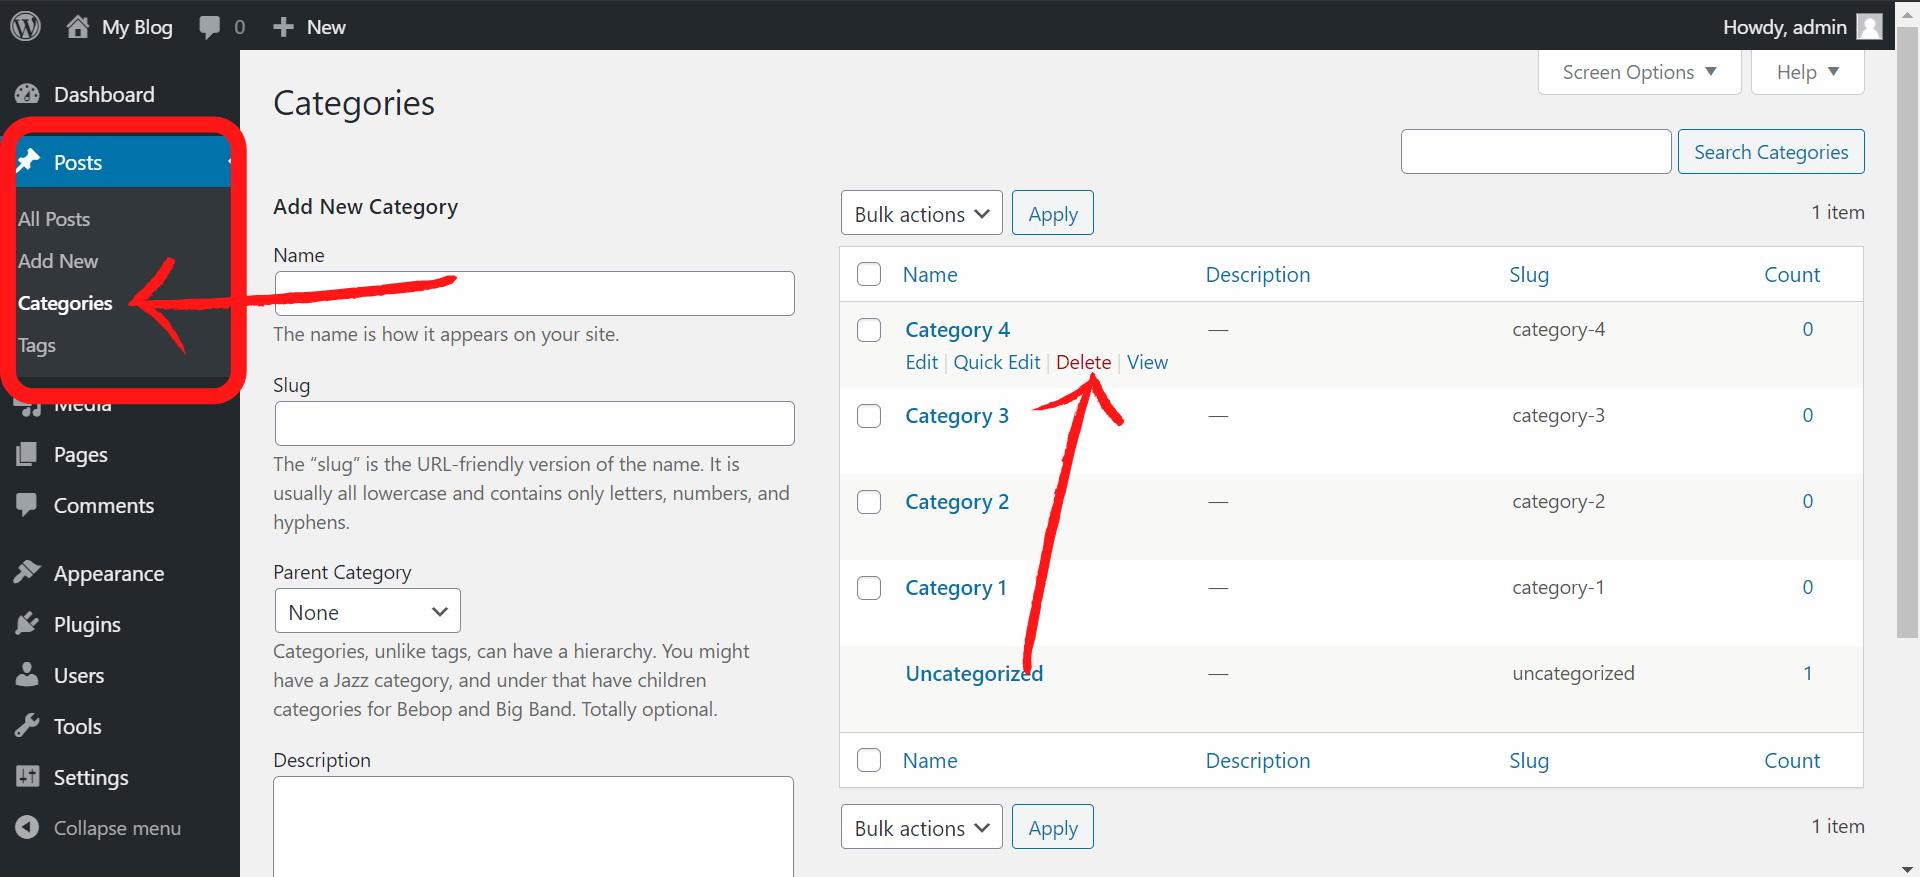 How to Delete Categories In WordPress